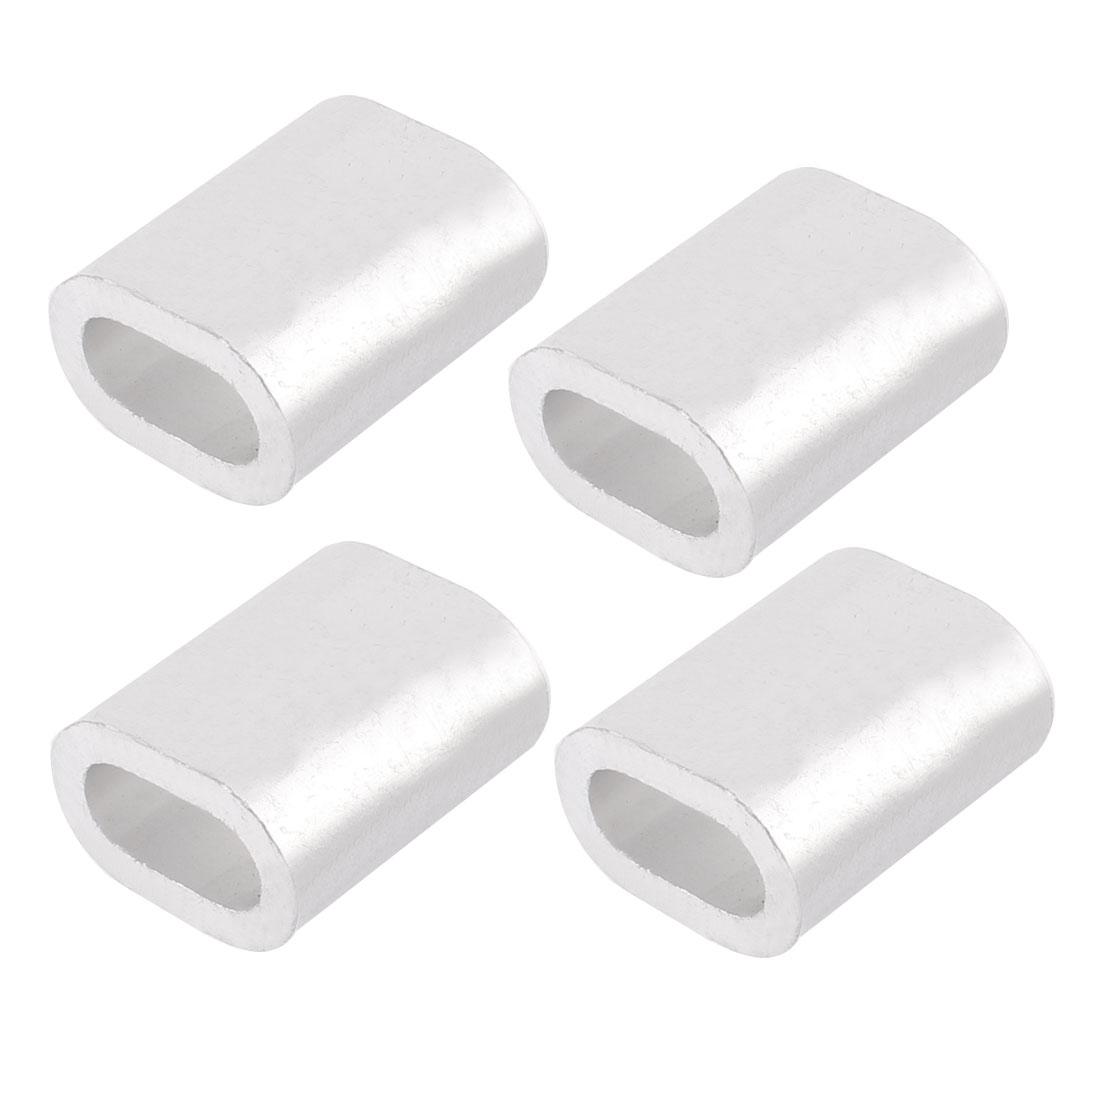 """10mm 25/64"""" Steel Wire Rope Aluminum Ferrules Sleeves Fittings Loop 4 Pcs"""